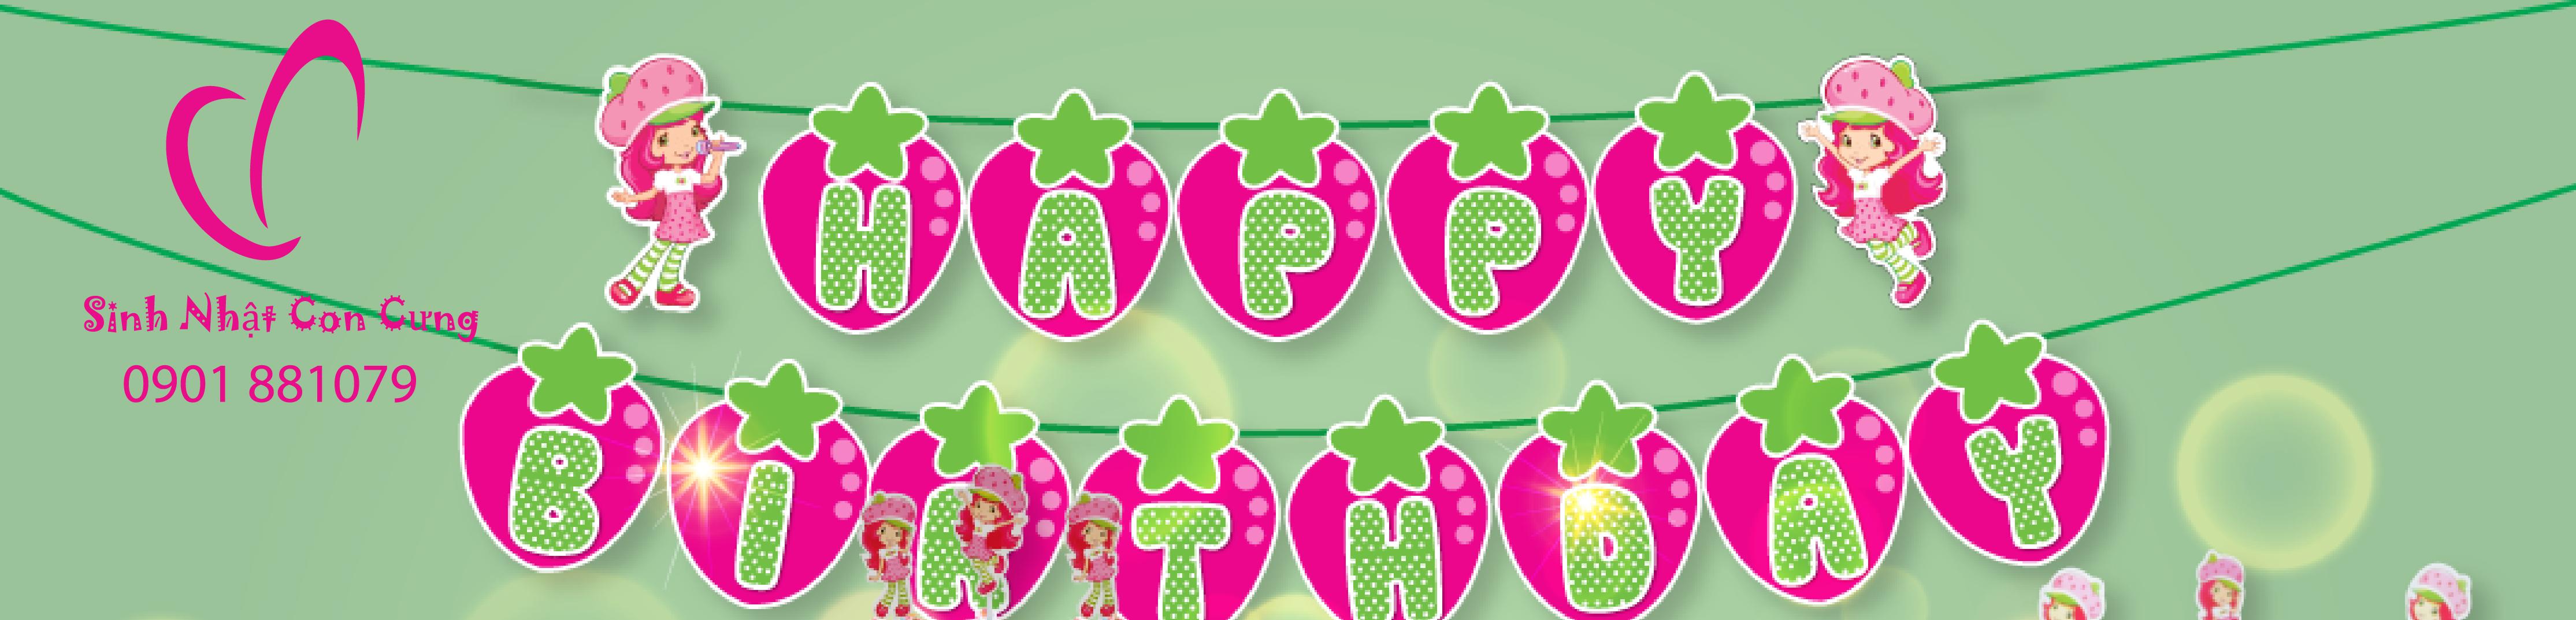 day-happy-birthday-chu-de-dau-tay-01